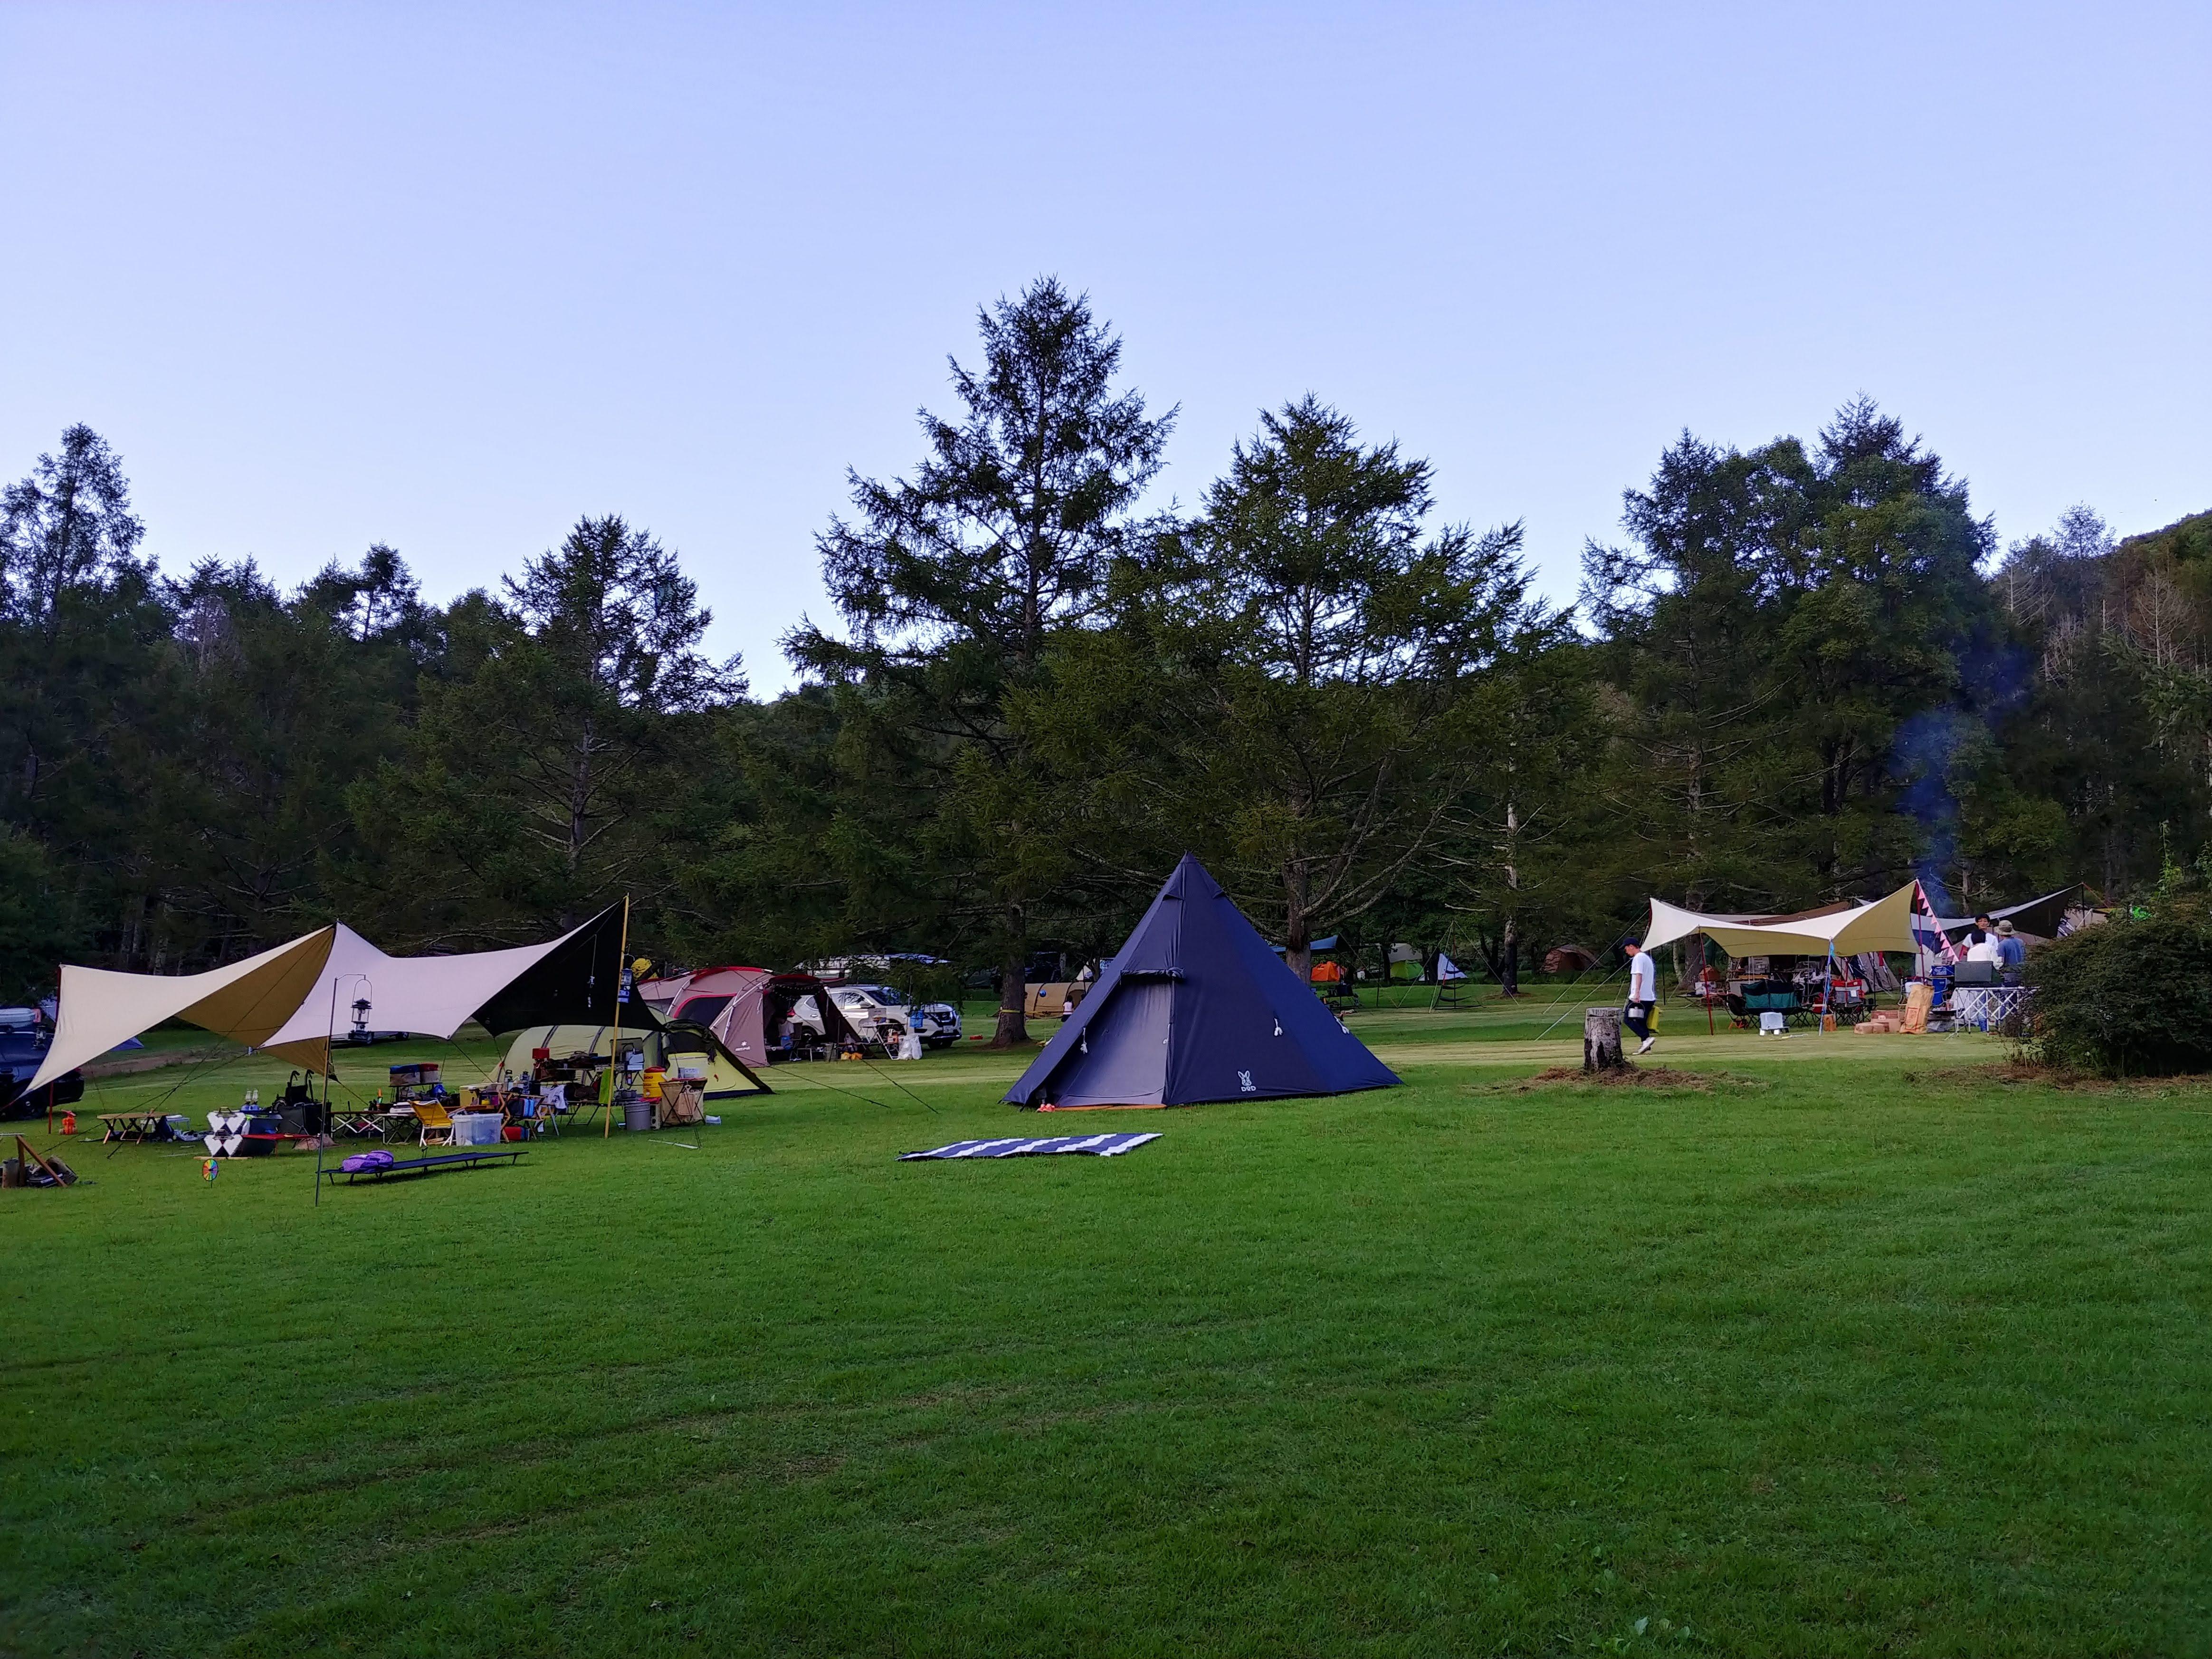 牧場 後 場 光 オート キャンプ